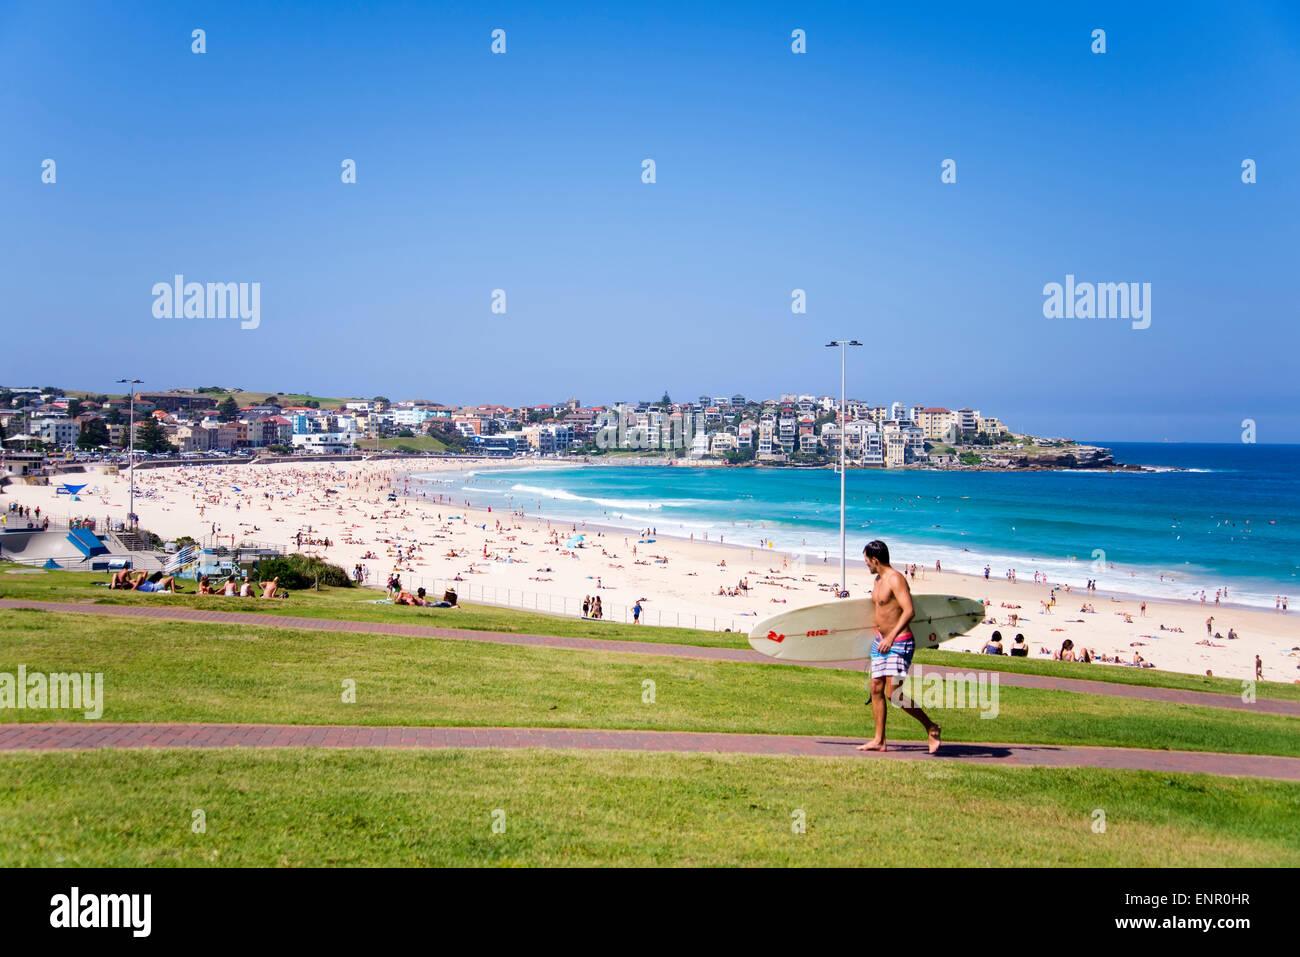 Des personnes non identifiées à Bondi Beach, Australie. Photo Stock